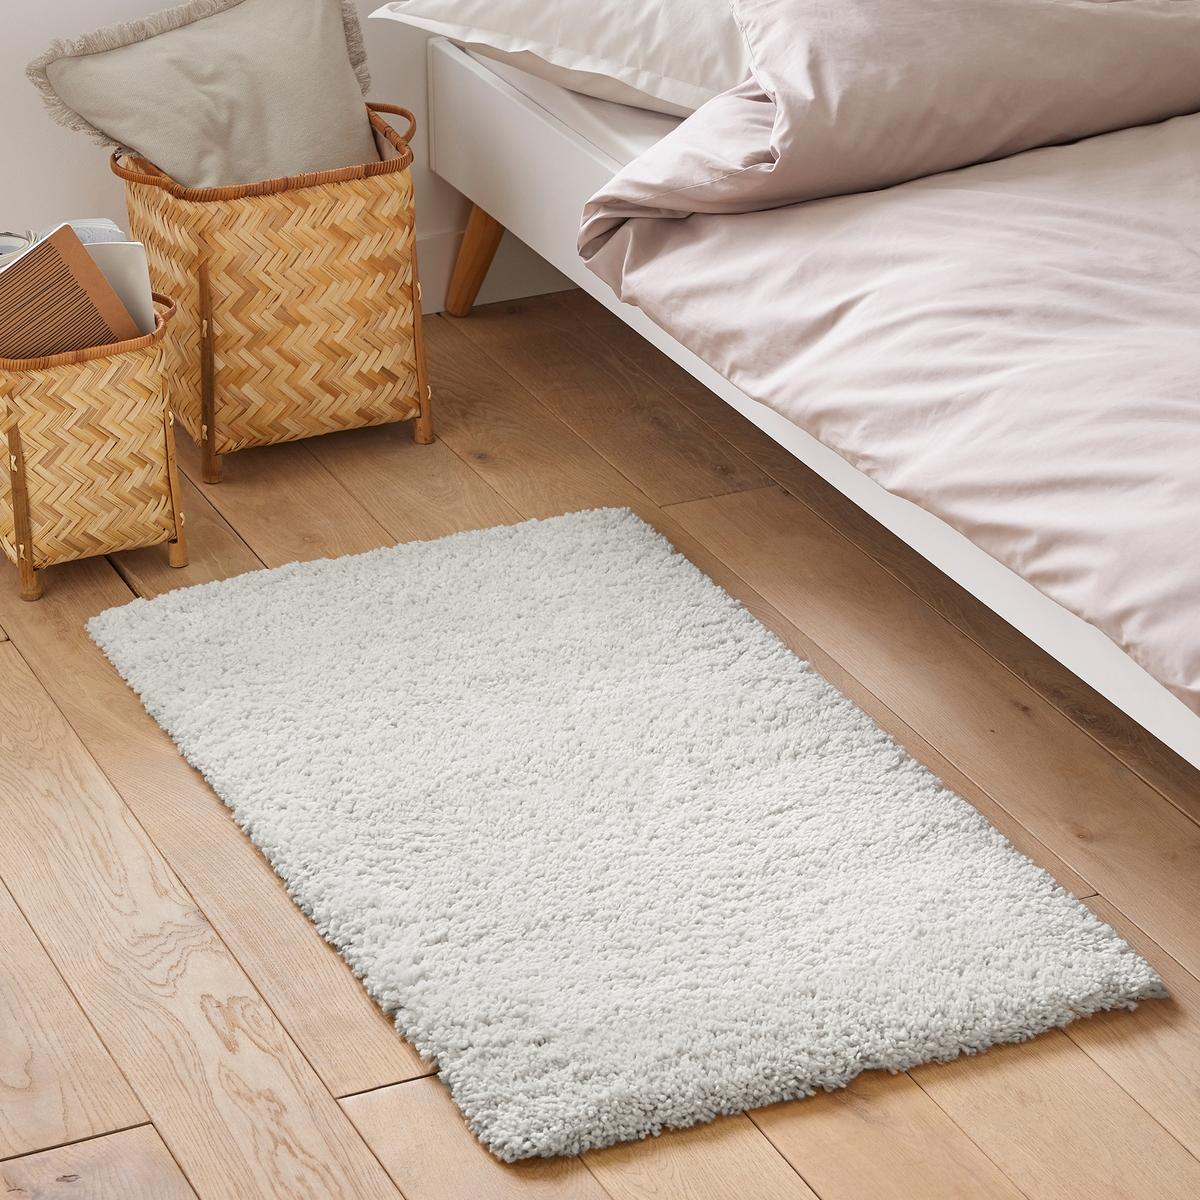 аренду прикроватный коврик фото приготовить настойку сосновых